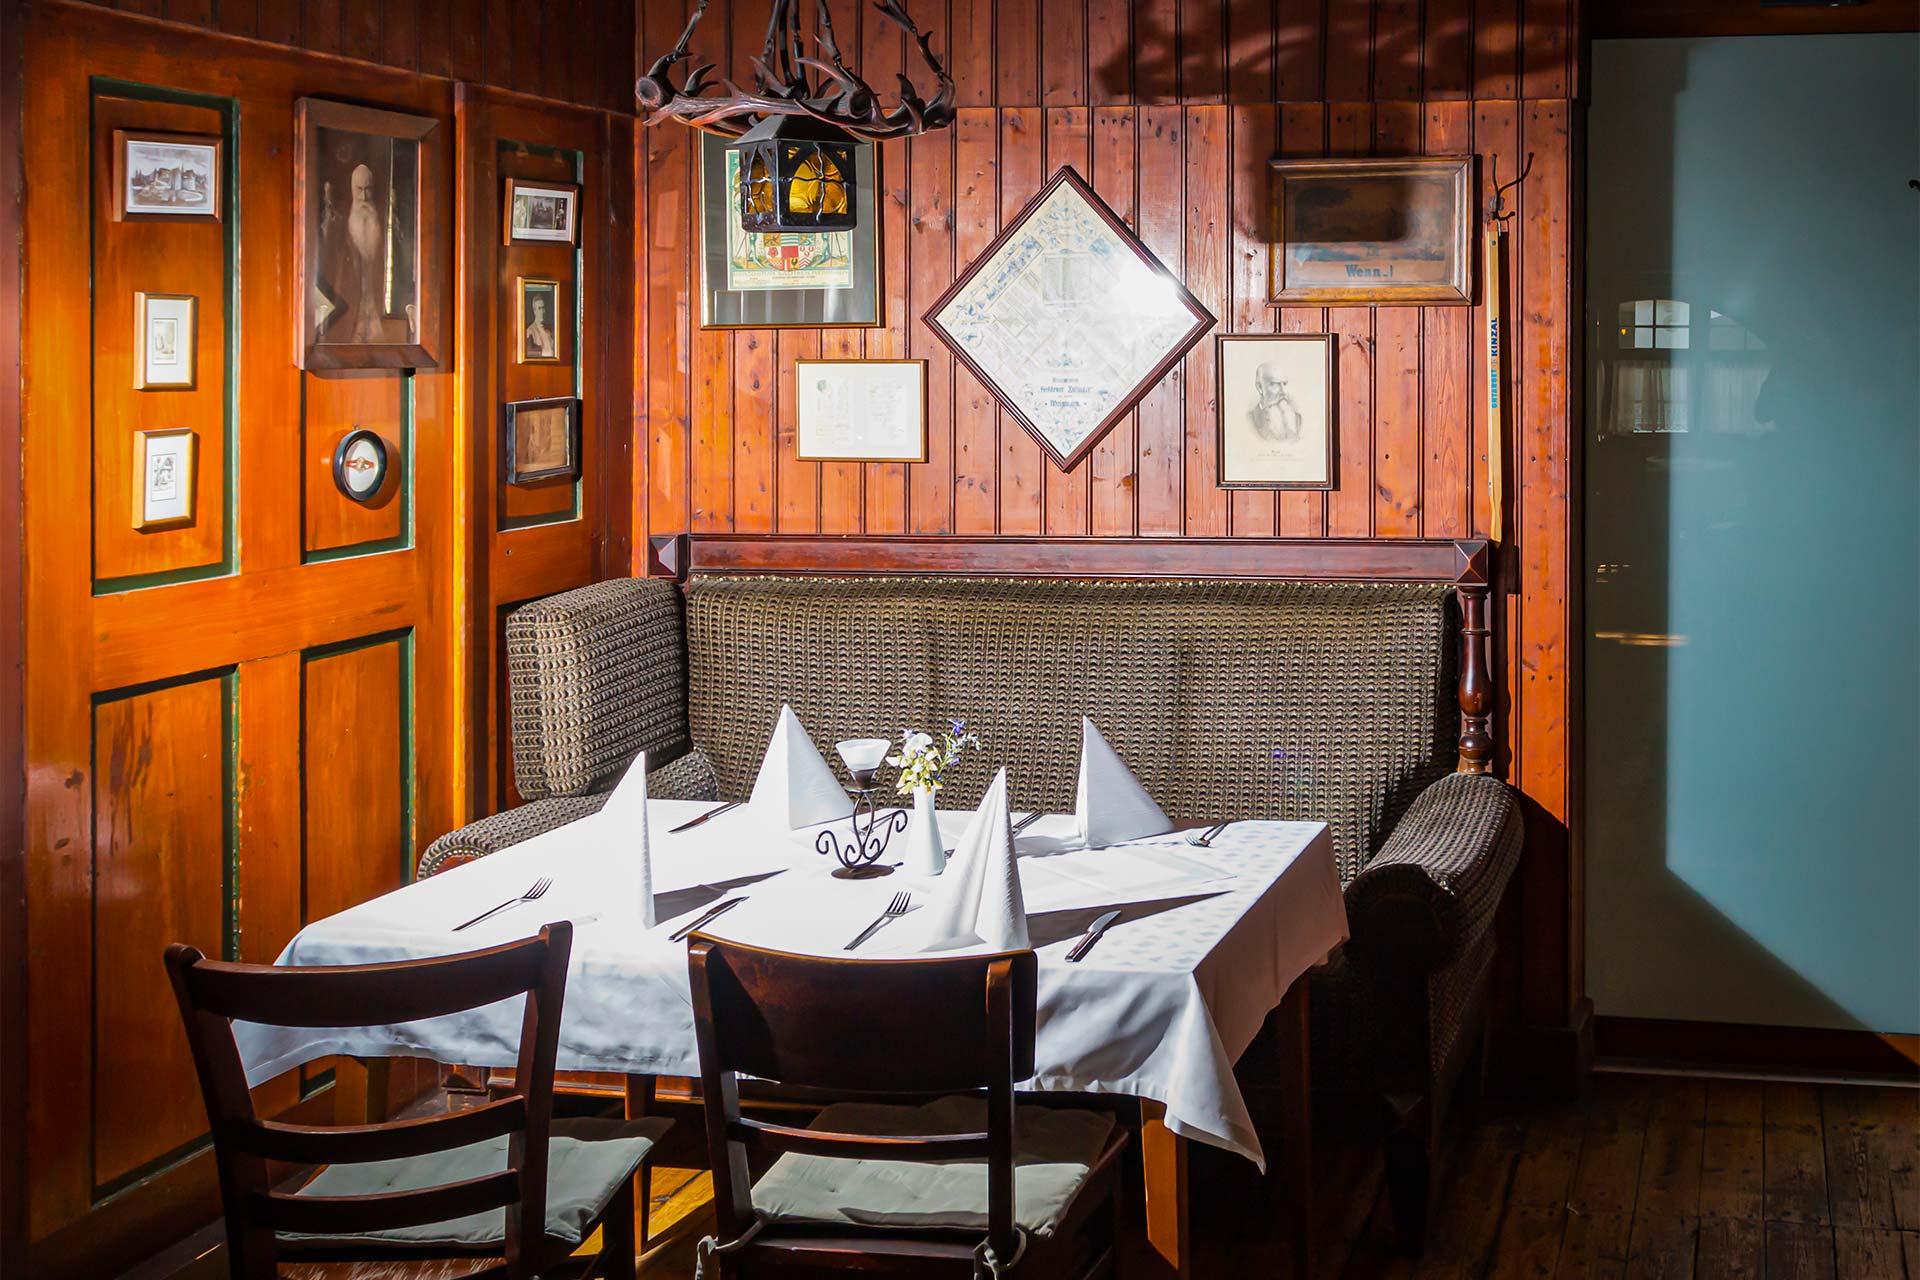 Restaurant - Gastraum Goldener Zwinger